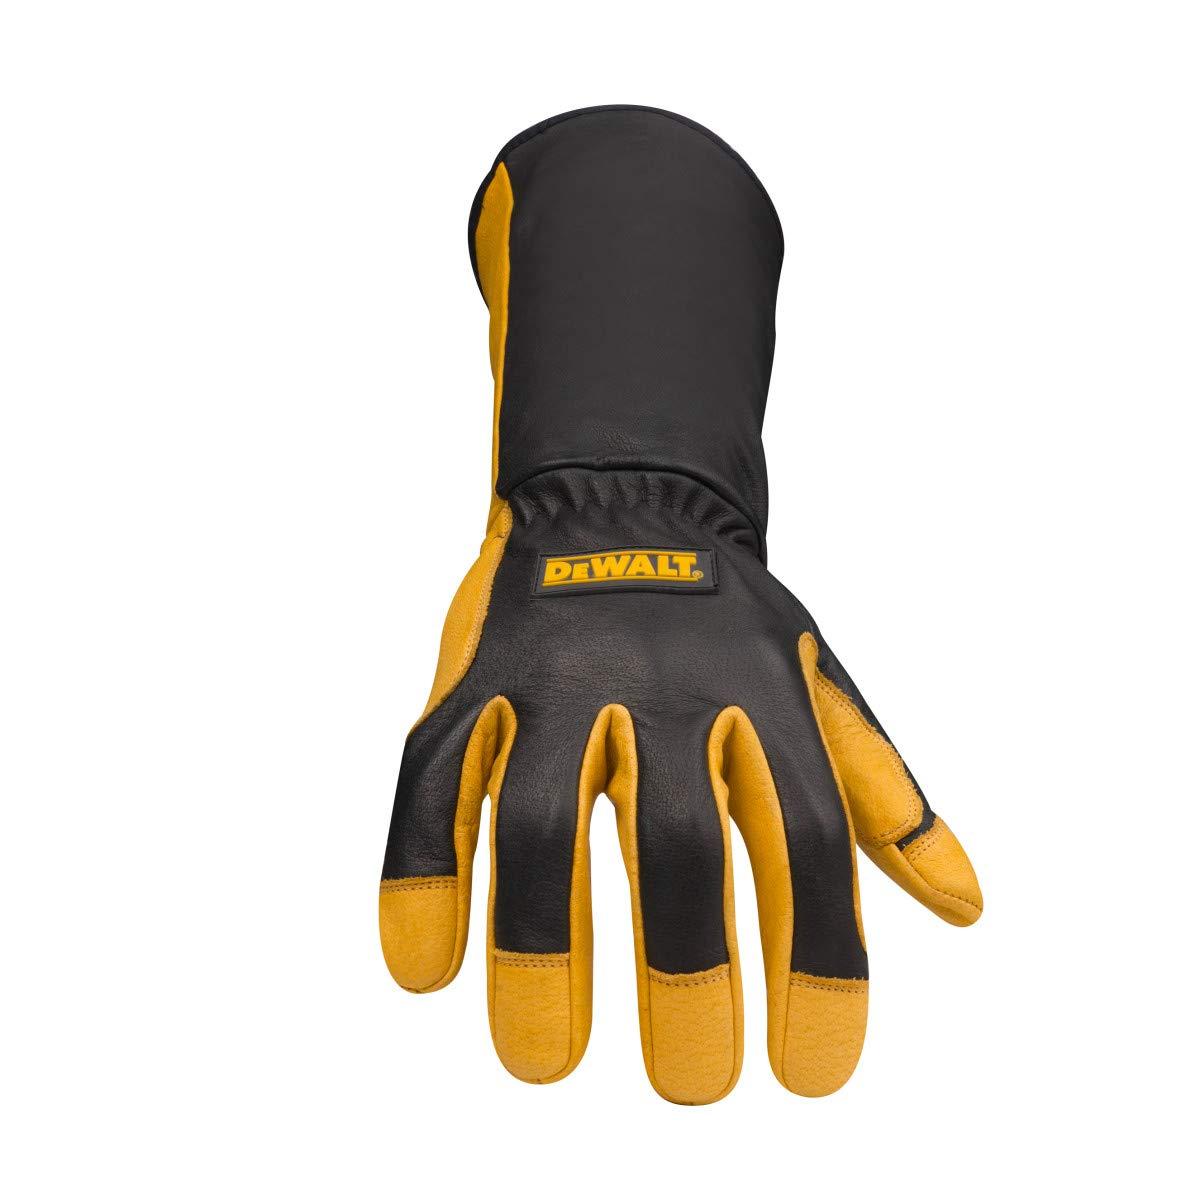 DEWALT DXMF04051MD Premium Leather Welding Gloves, Medium by DEWALT (Image #2)